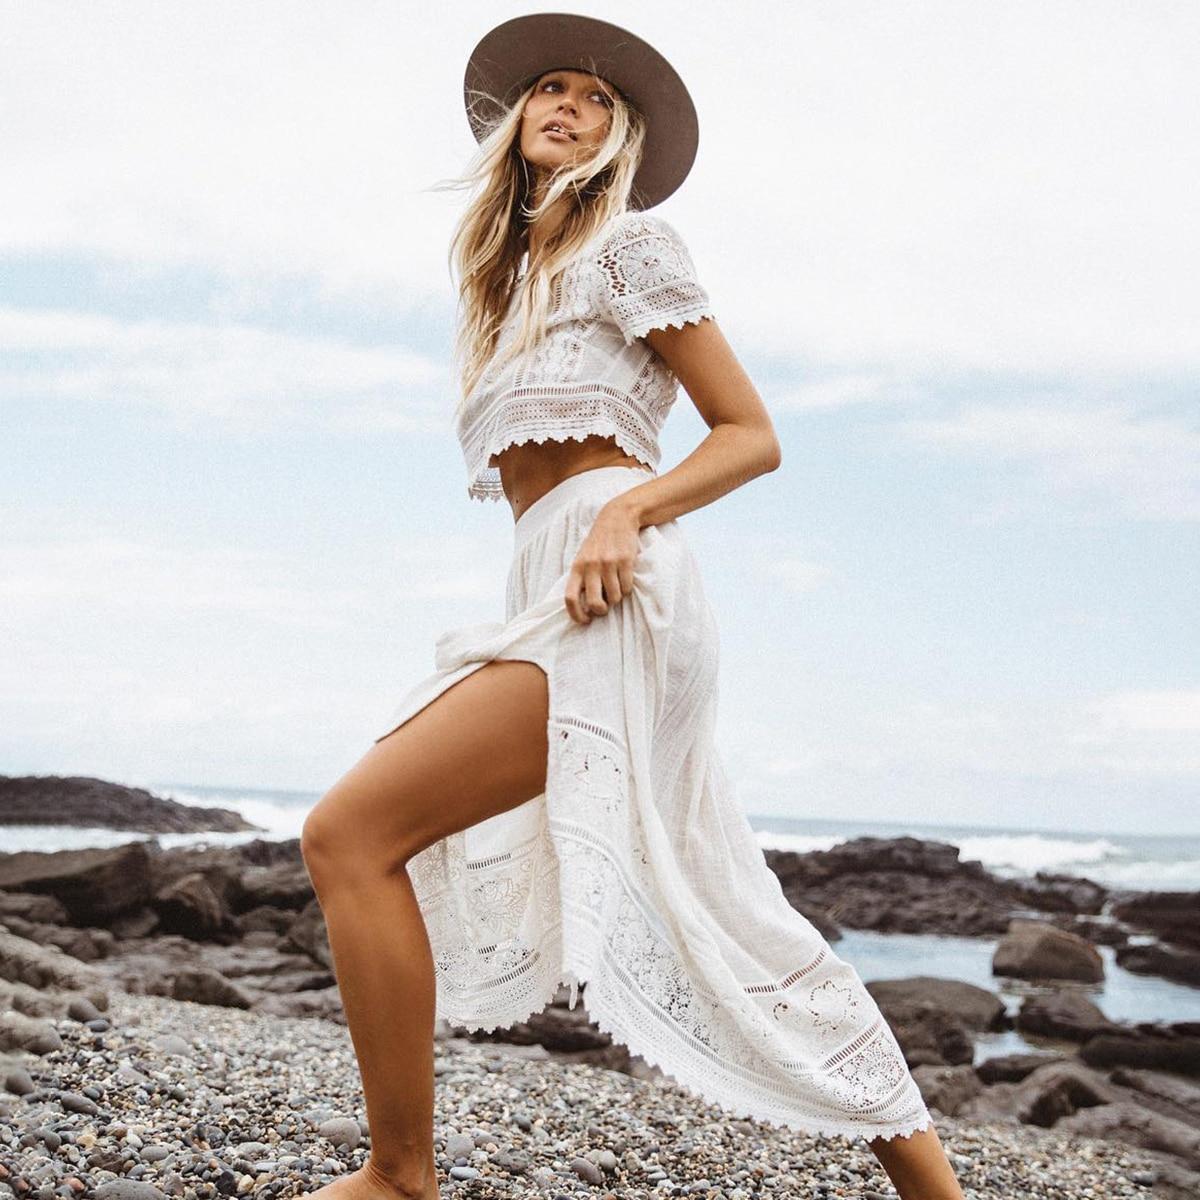 Jastie 2 個セット女性ドレスパッチワークレースのクロップトップ + レースネクタイサイドスカートスーツ自由奔放に生きるシックなビーチ 2 ピーススーツセット夏ドレス  グループ上の レディース衣服 からの レディースセット の中 1